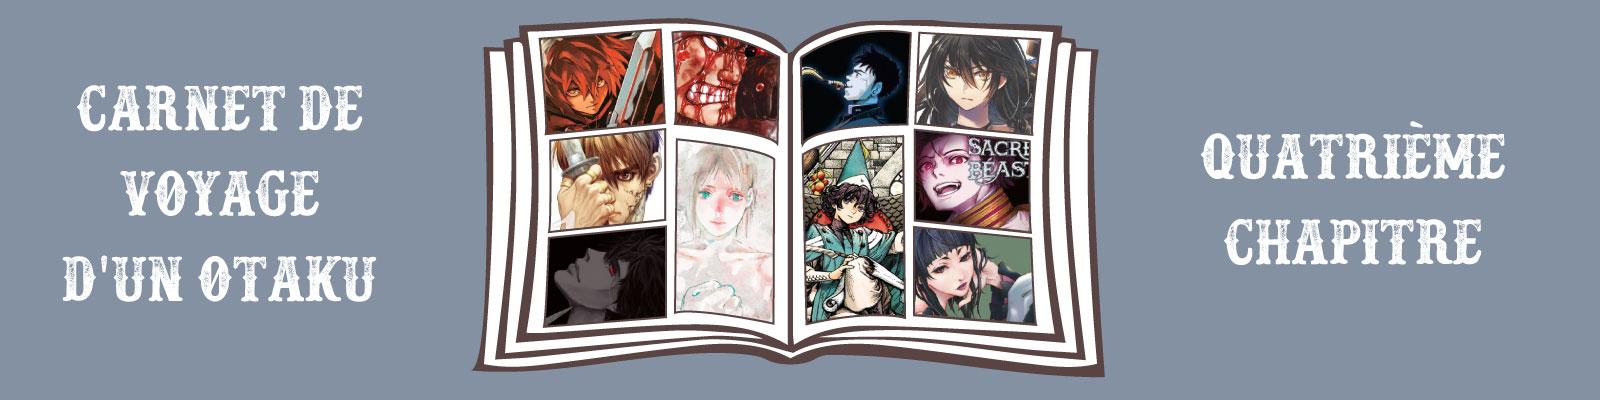 Carnet voyage otaku 4ème chapitre